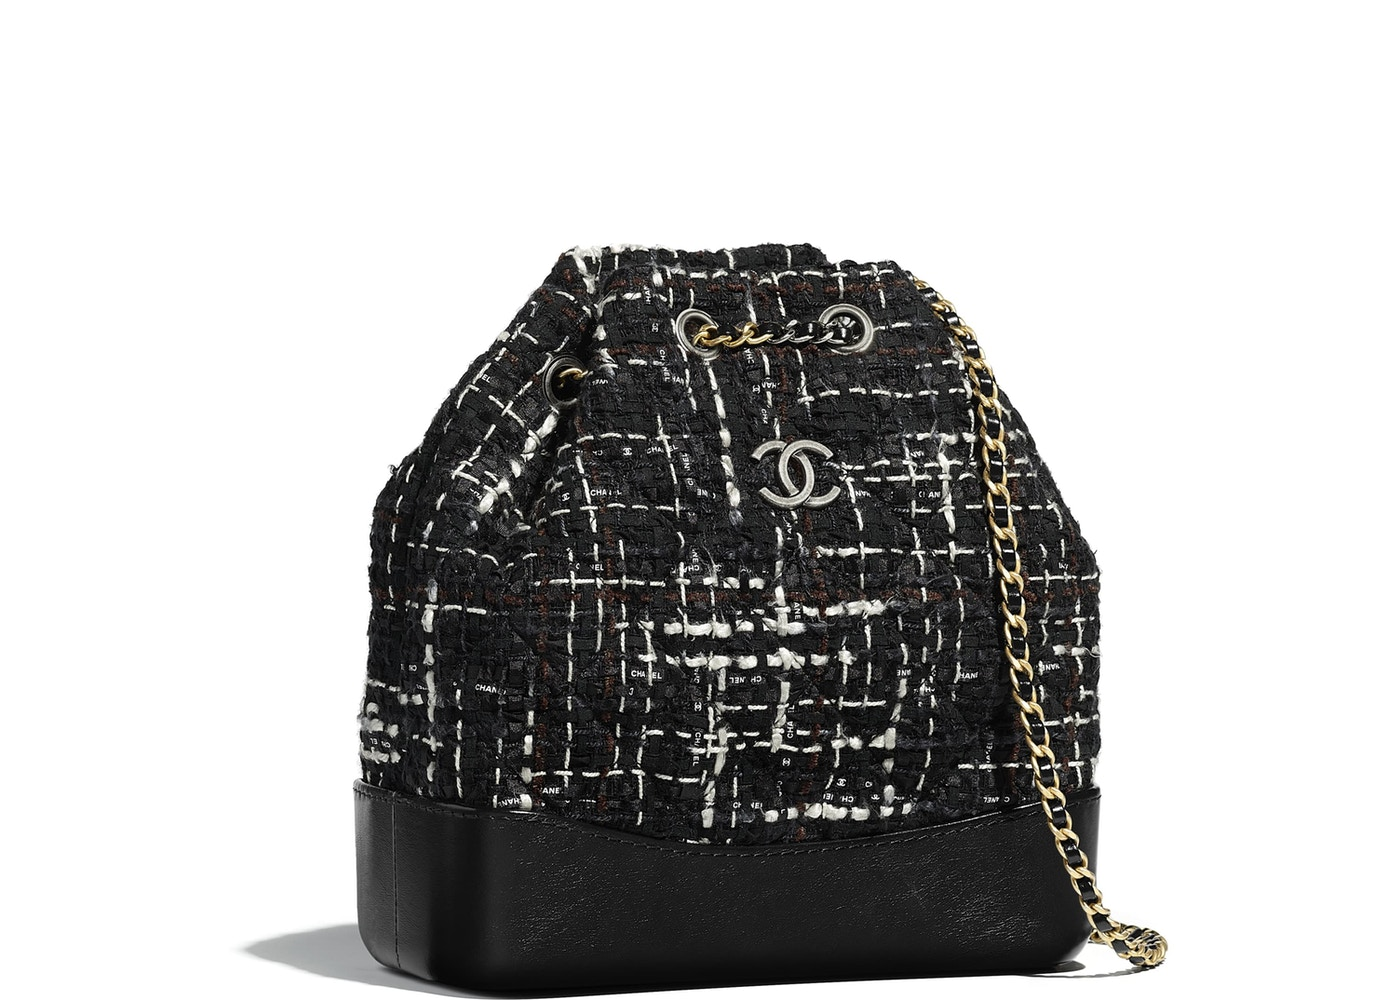 9b4fb45d5ff4 Chanel Gabrielle Backpack Tweed Small Black Multicolor. Tweed Small Black  Multicolor